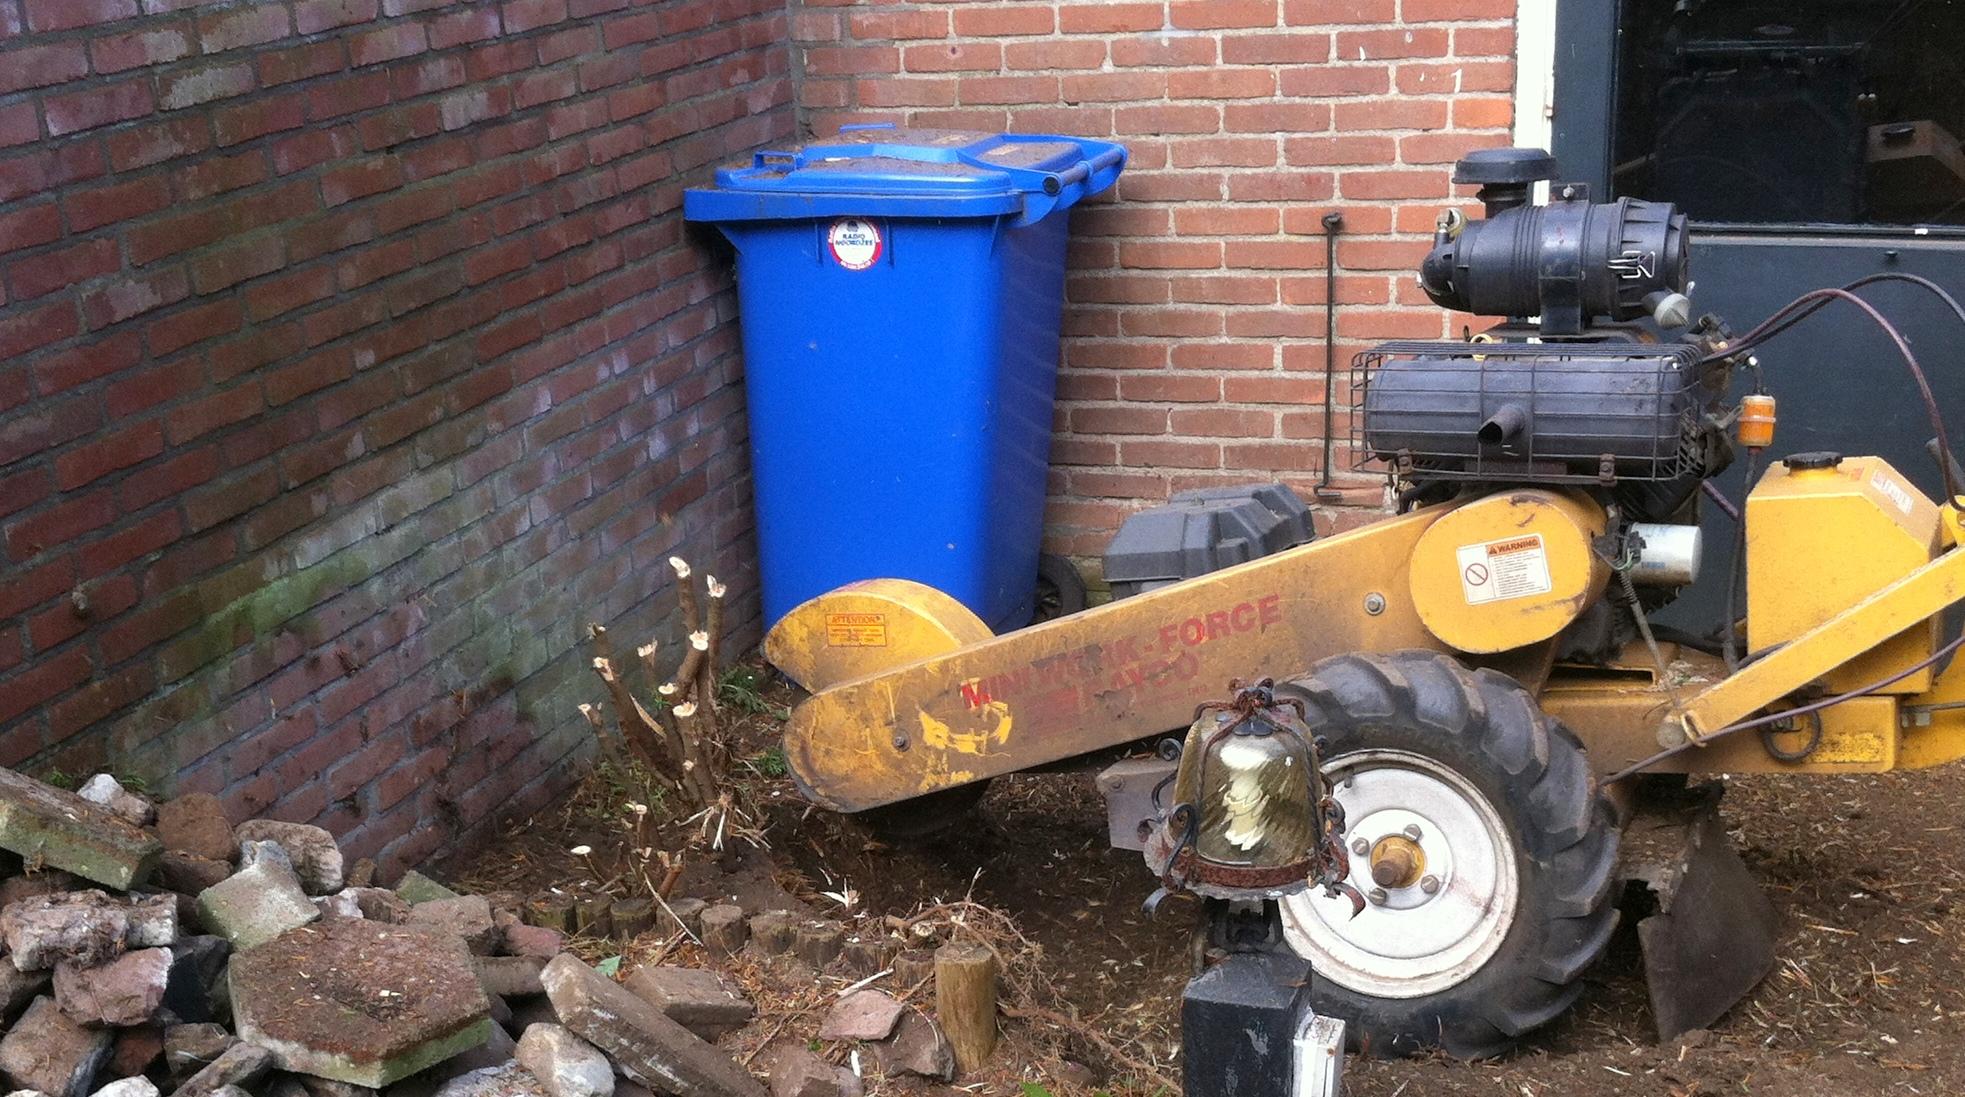 Boomverzorging Hasenaar - Verwijderen boomstobben 4.4 - Stobbenfrezen 4